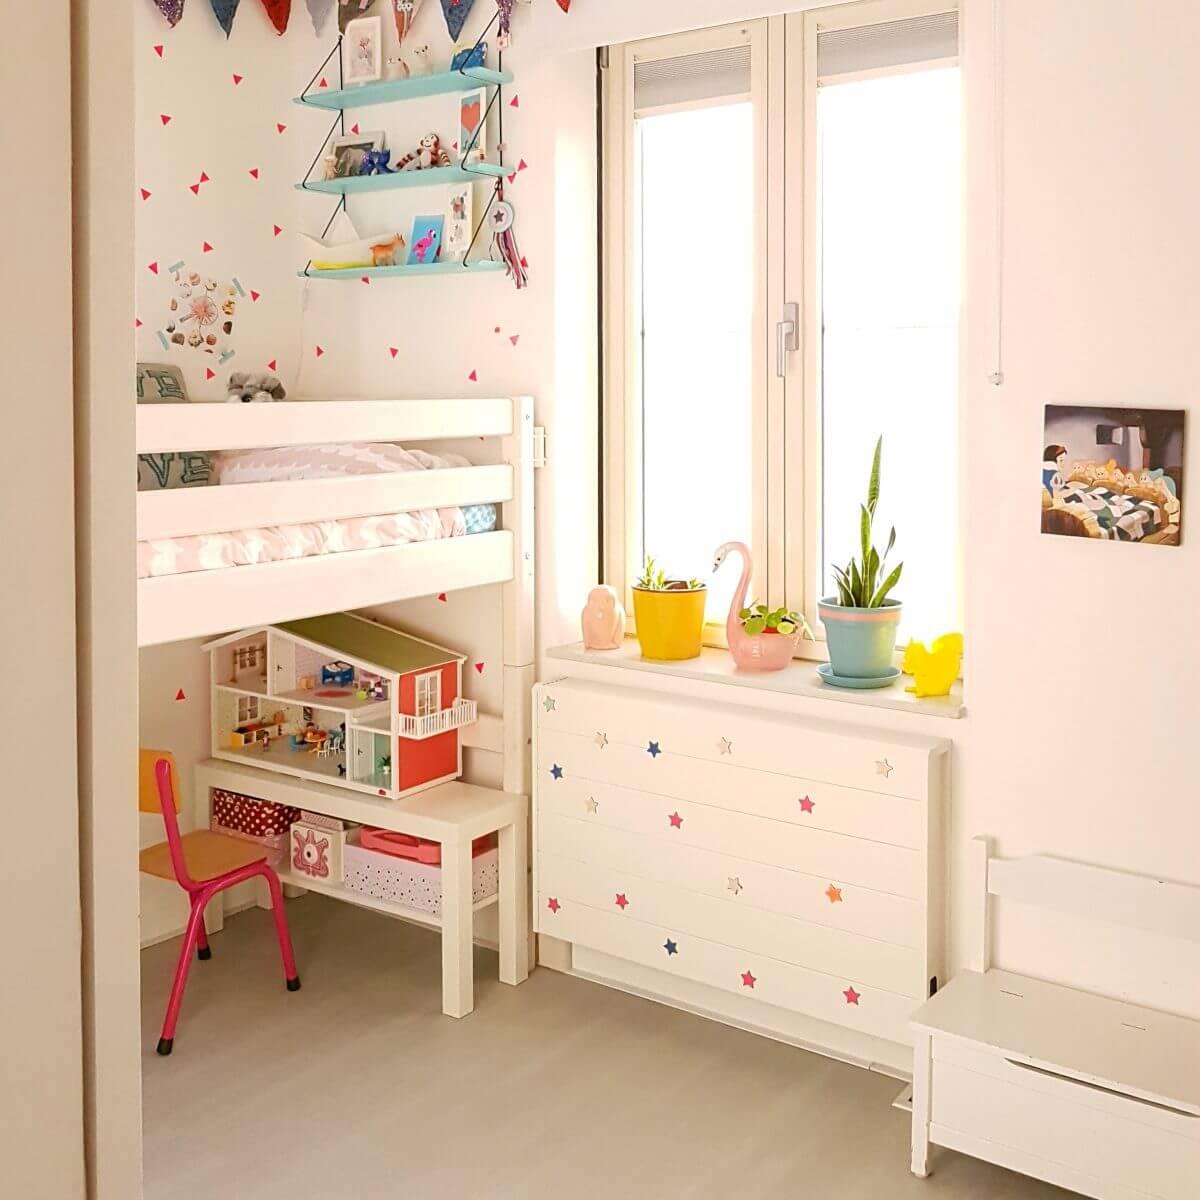 Ongekend Binnenkijker: kleine witte kinderkamer met roze en geel - Leuk met TZ-62